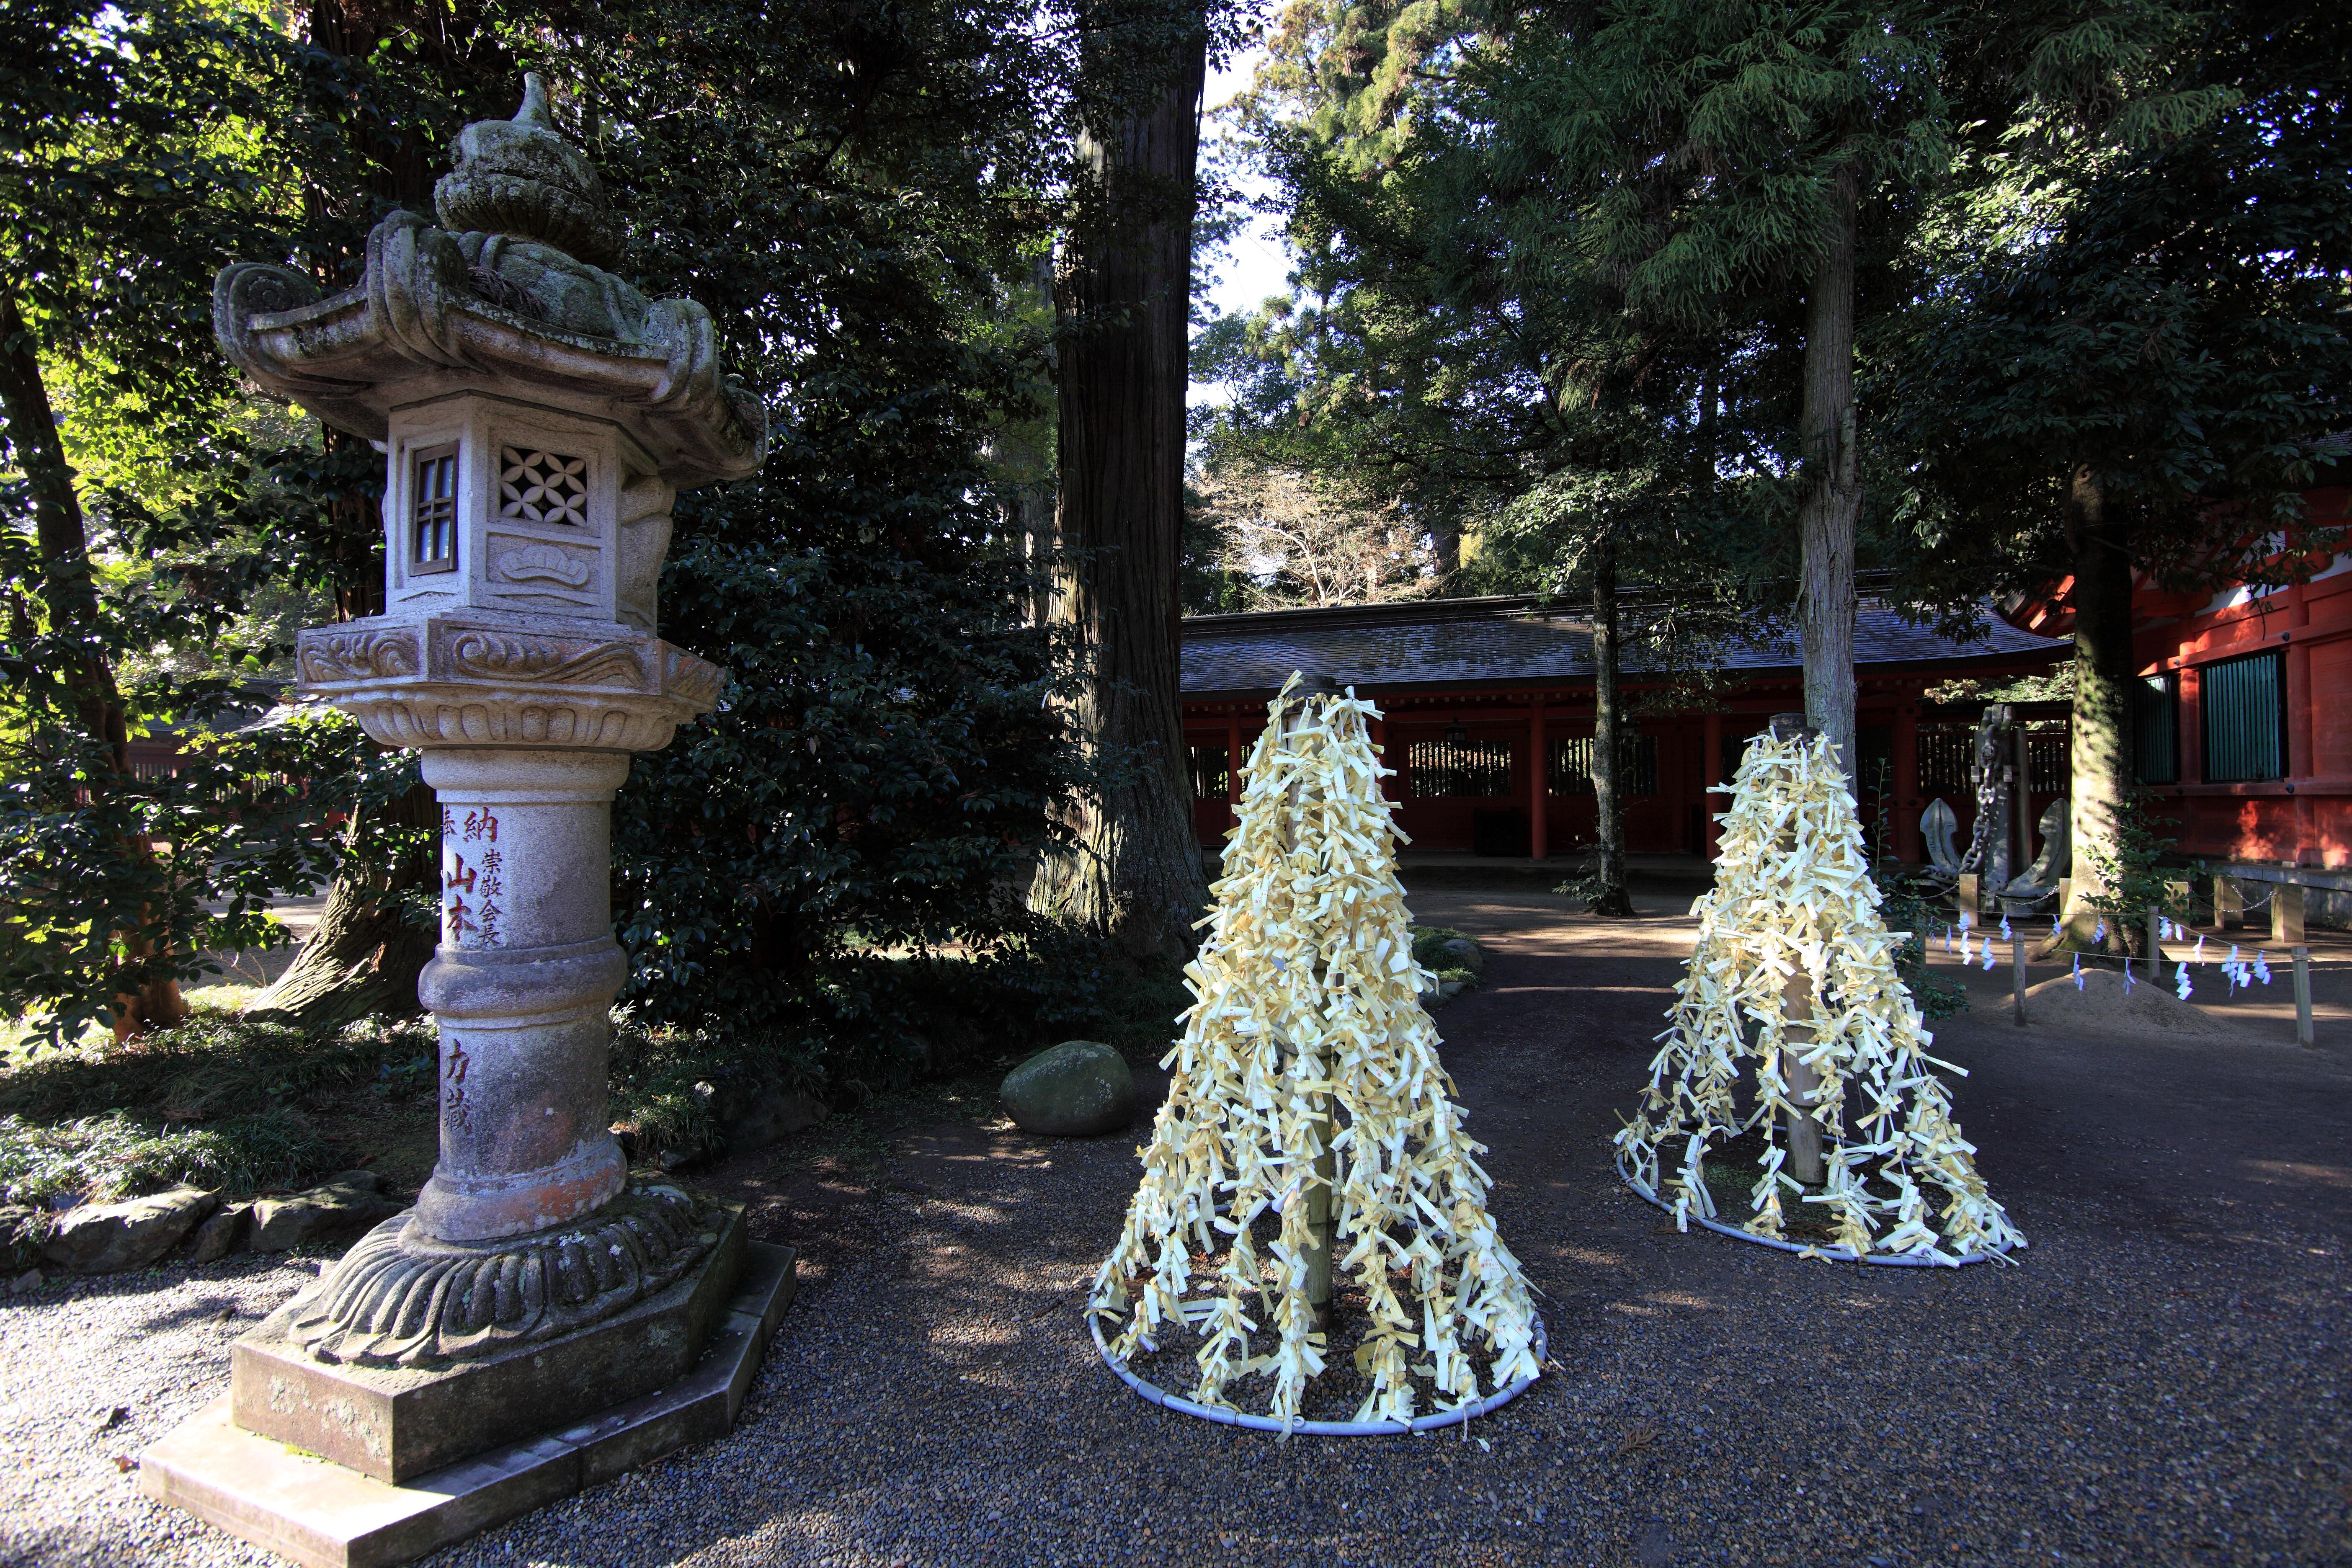 Deco De Noel Dans Le Jardin images gratuites : arbre, architecture, lanterne, haute